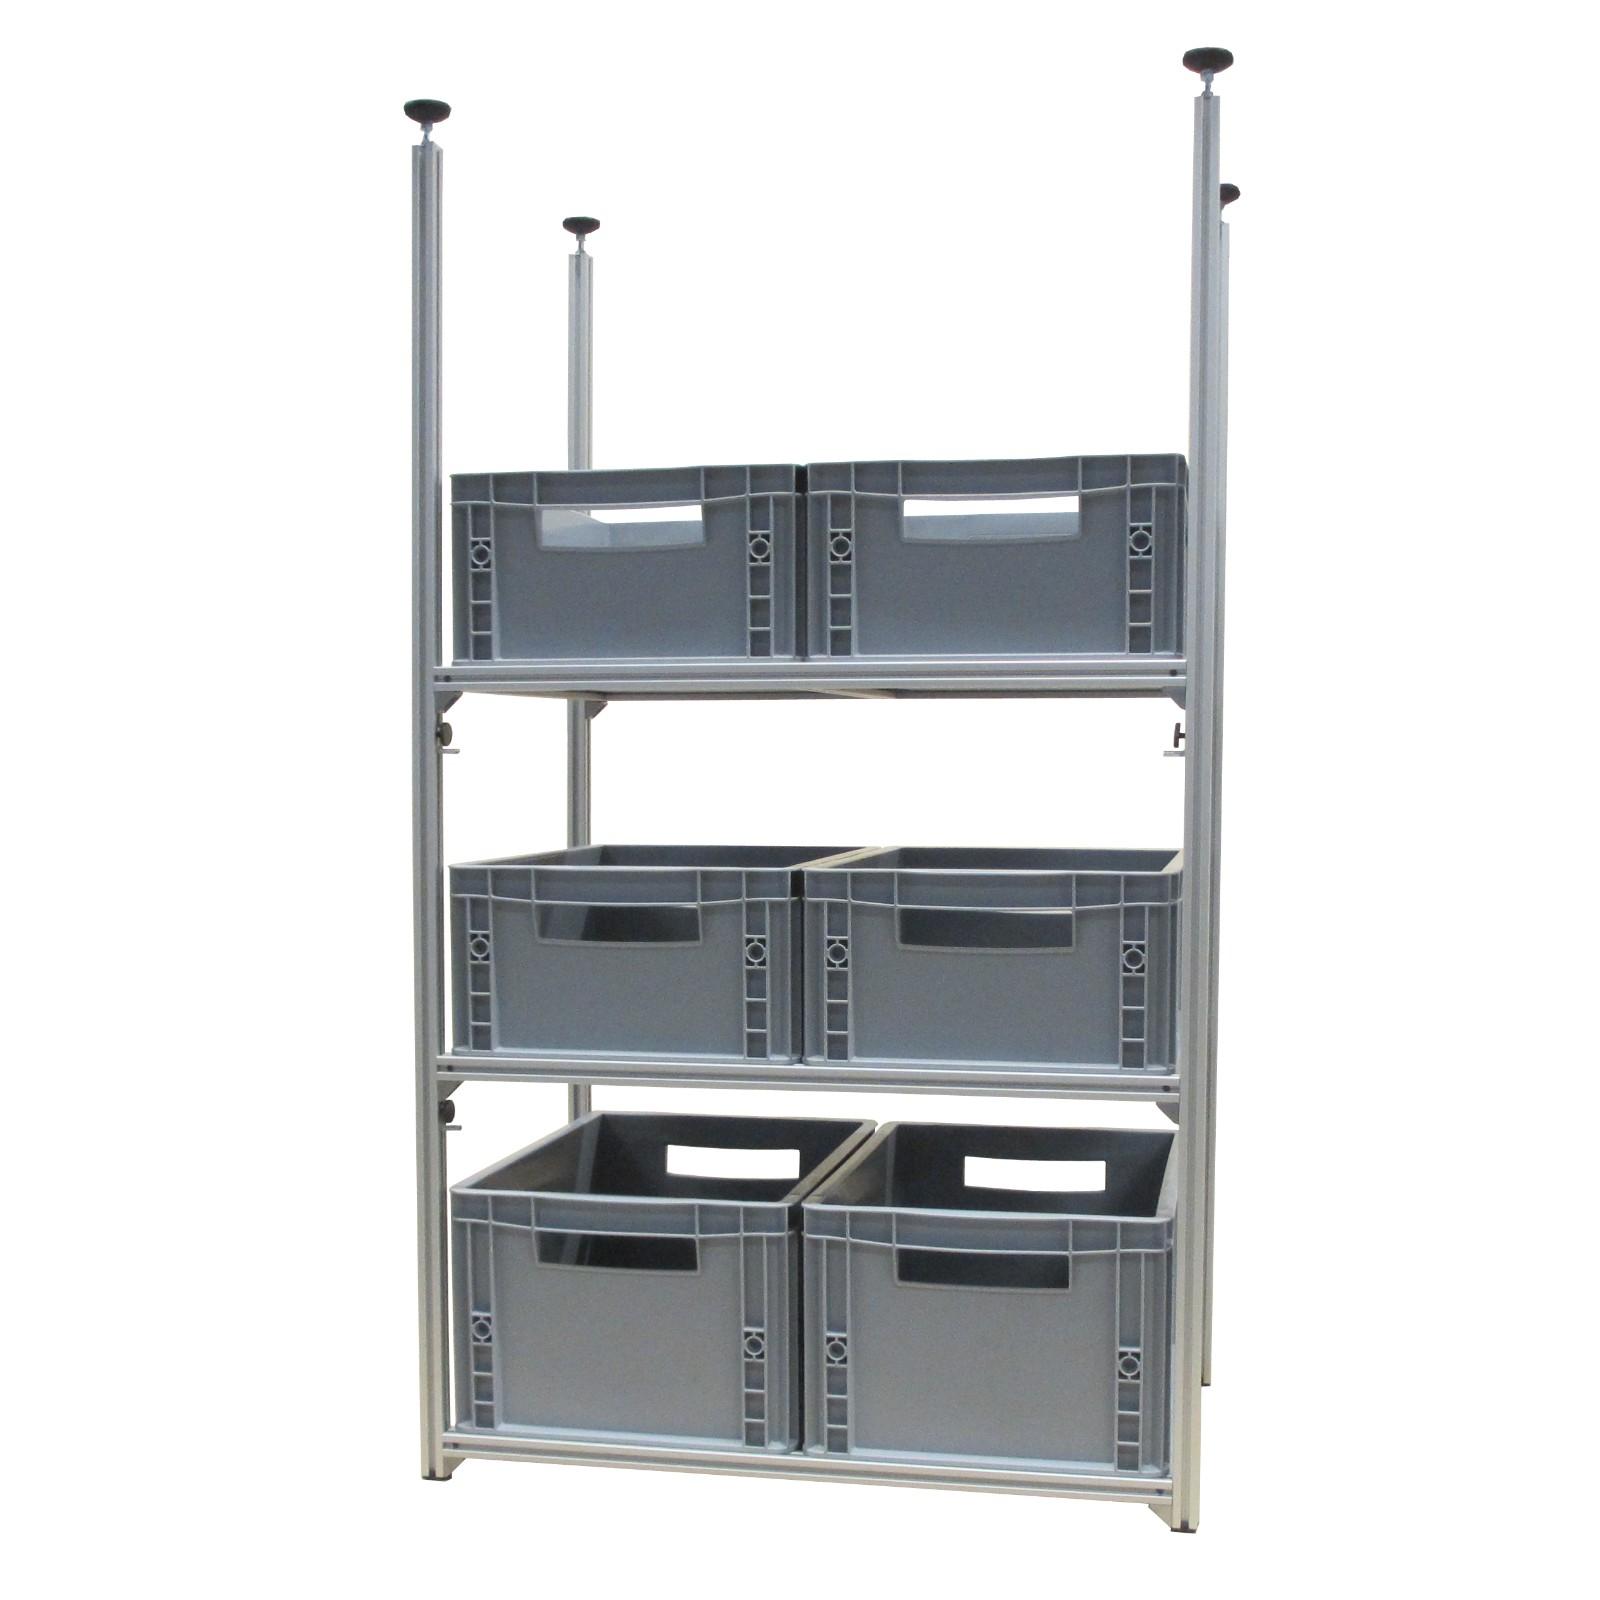 Beeindruckend Regalsystem Günstig Das Beste Von Rl - 800 X 300 Vormontiert